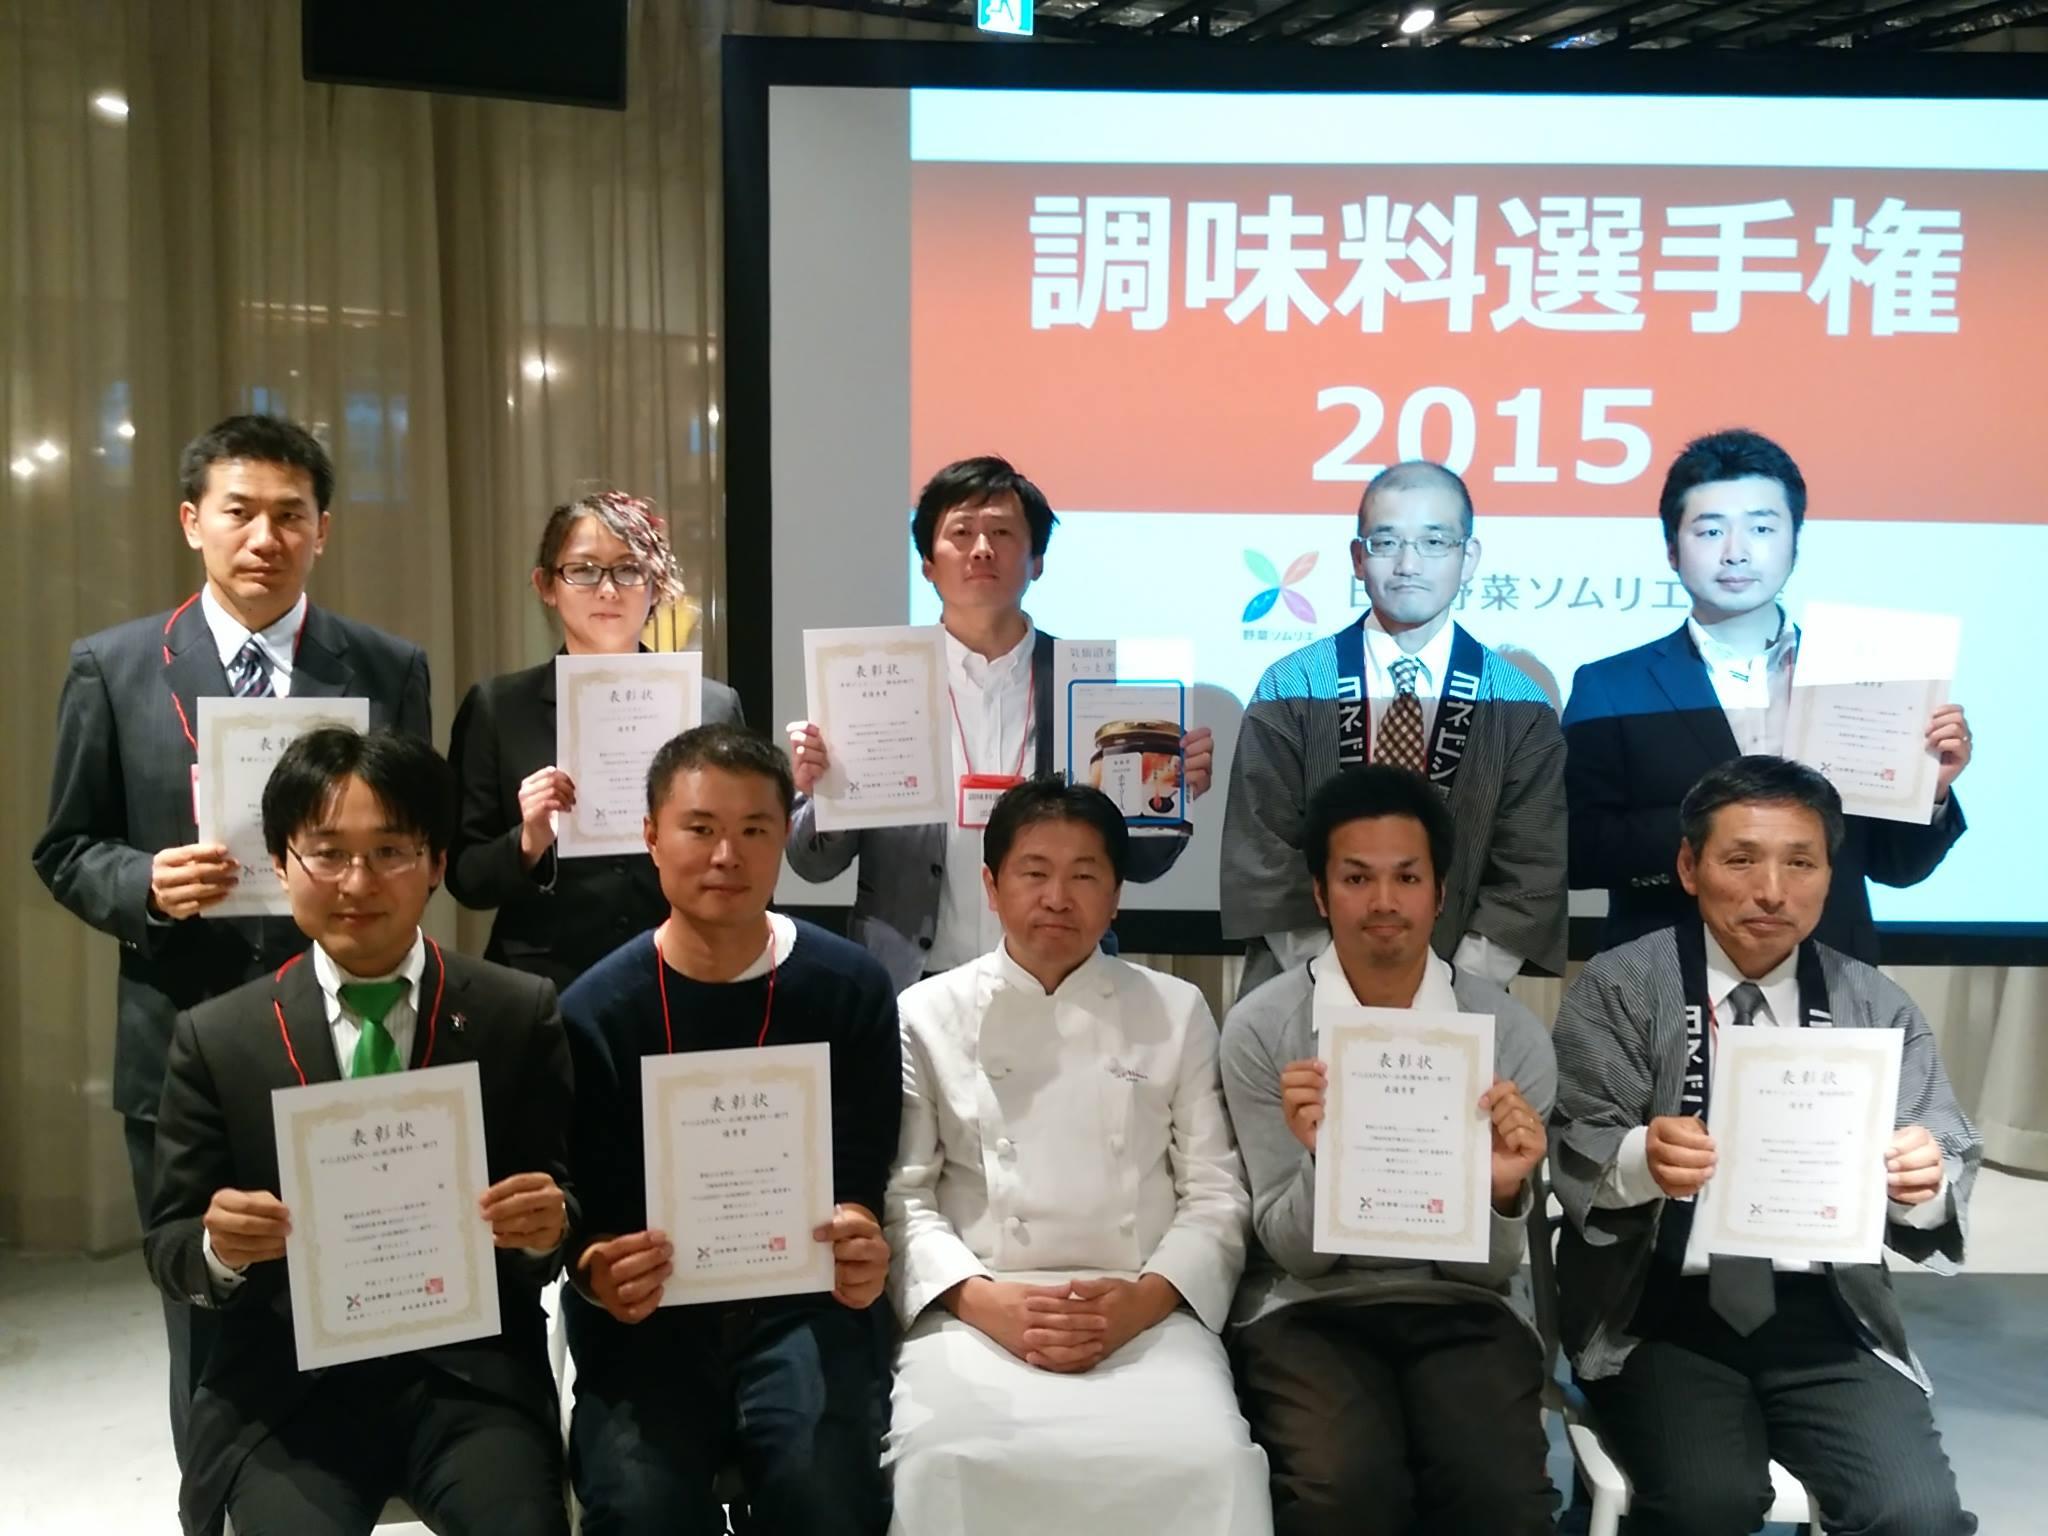 「気仙沼ホヤソース」が、「調味料選手権2015」で最優秀賞を受賞しました!